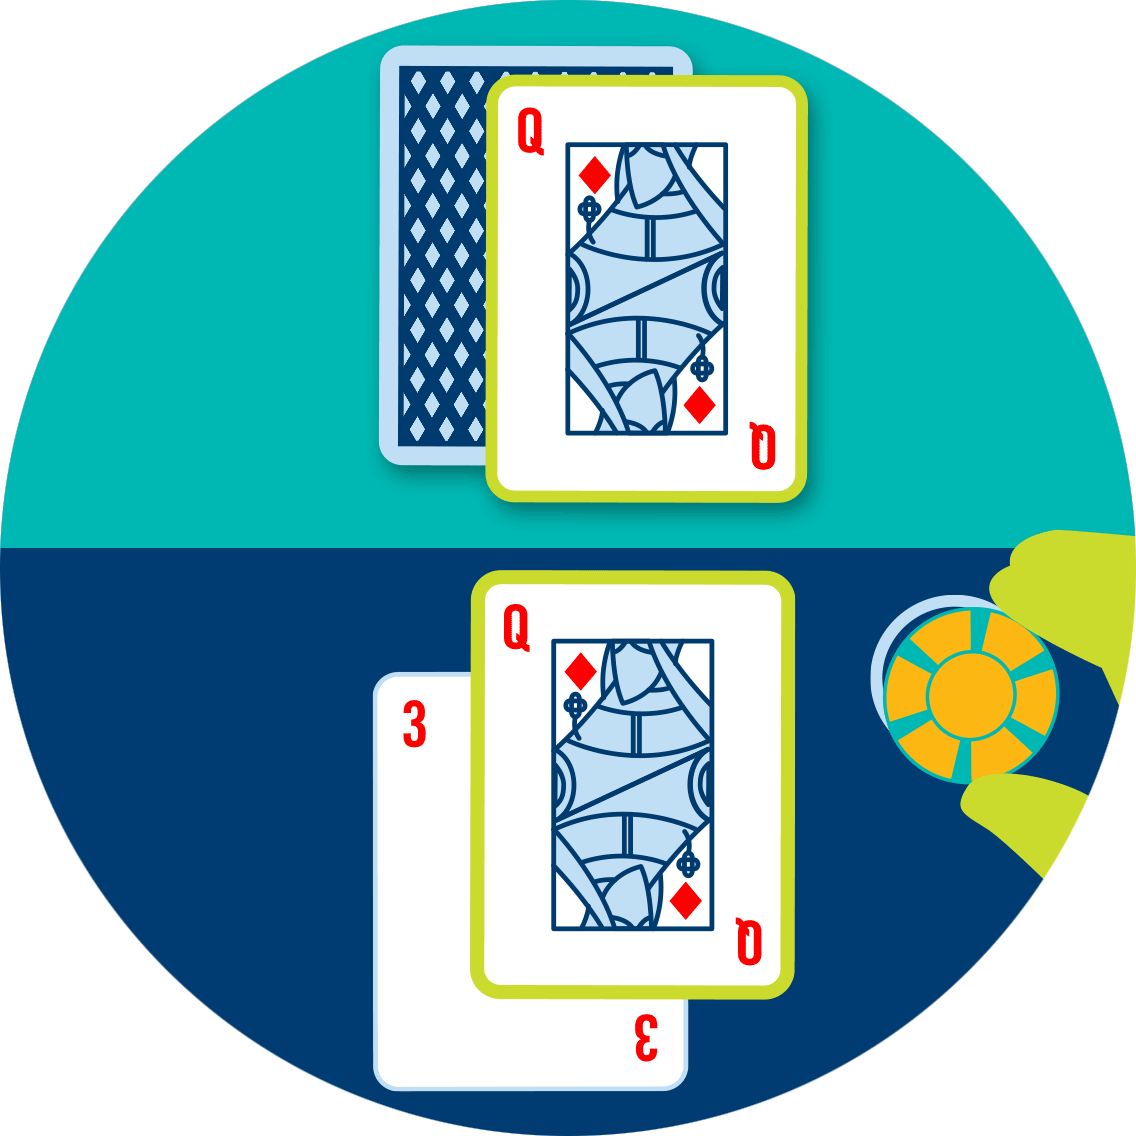 一疊籌碼被放在配對發牌官的投注區。